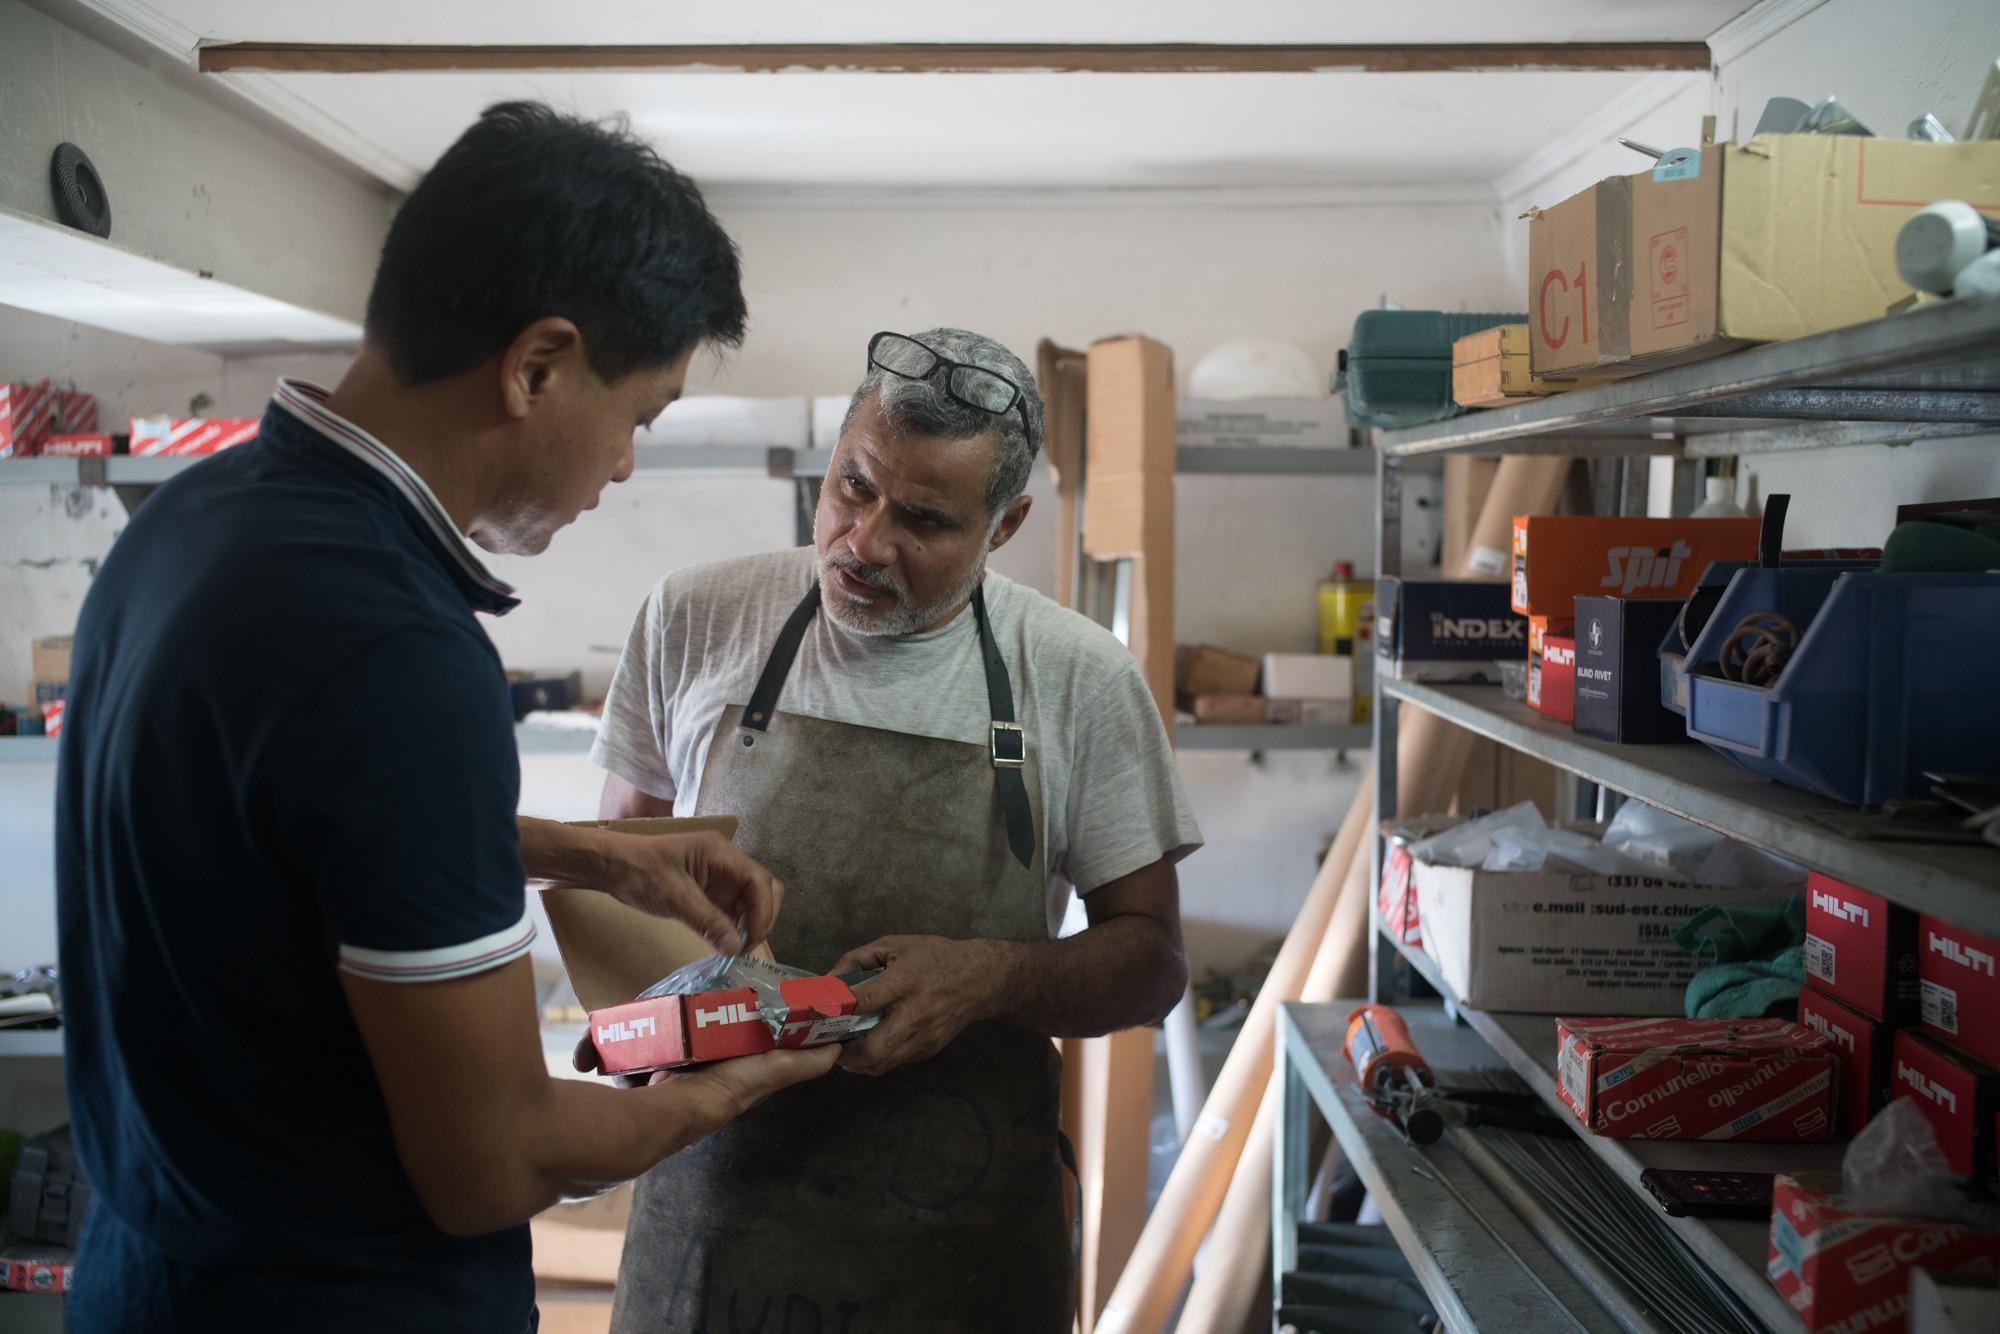 Jean-Claude et un autre homme discutent autour d'une boite de matériaux.